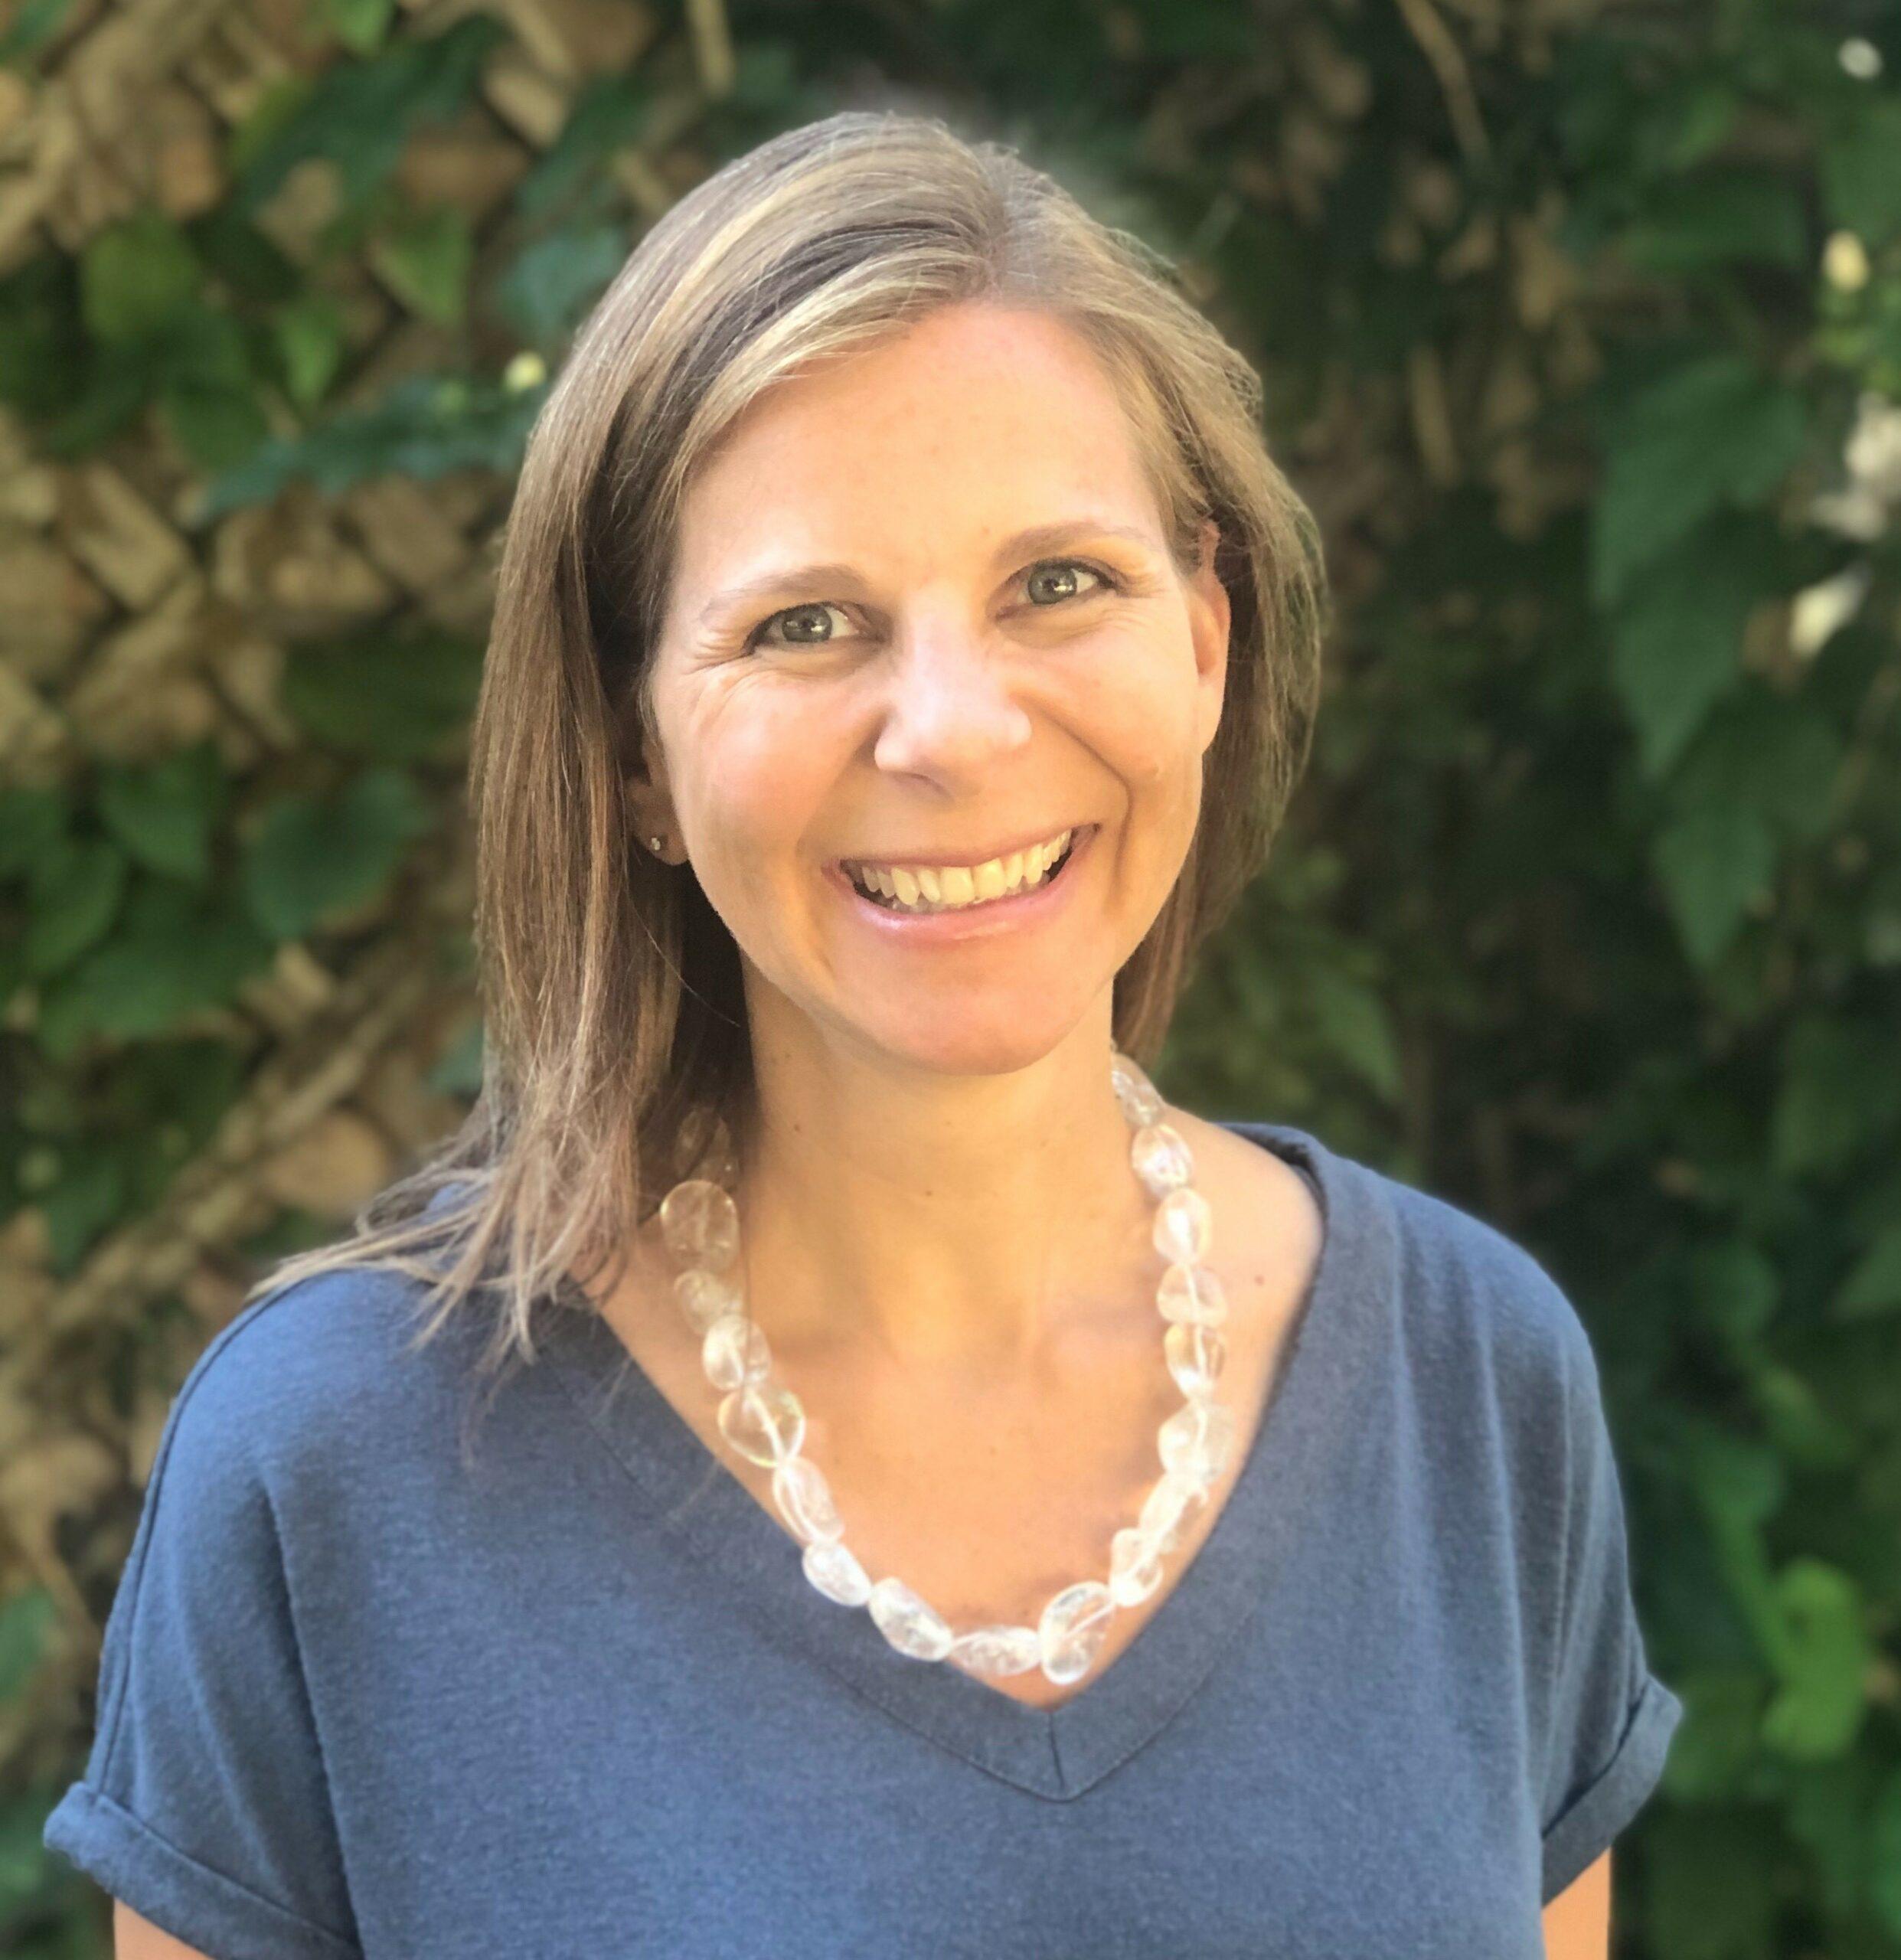 Julie Pyper